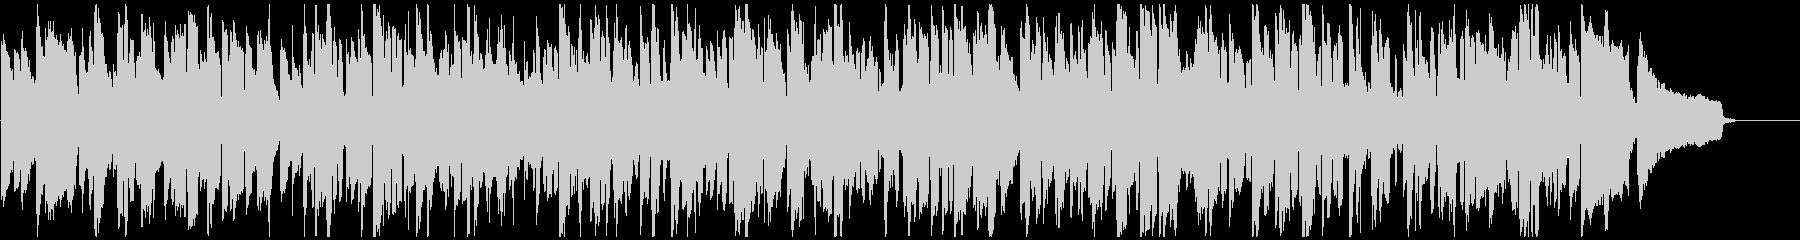 珍しいリコーダーのジャズ、かわいい音色の未再生の波形